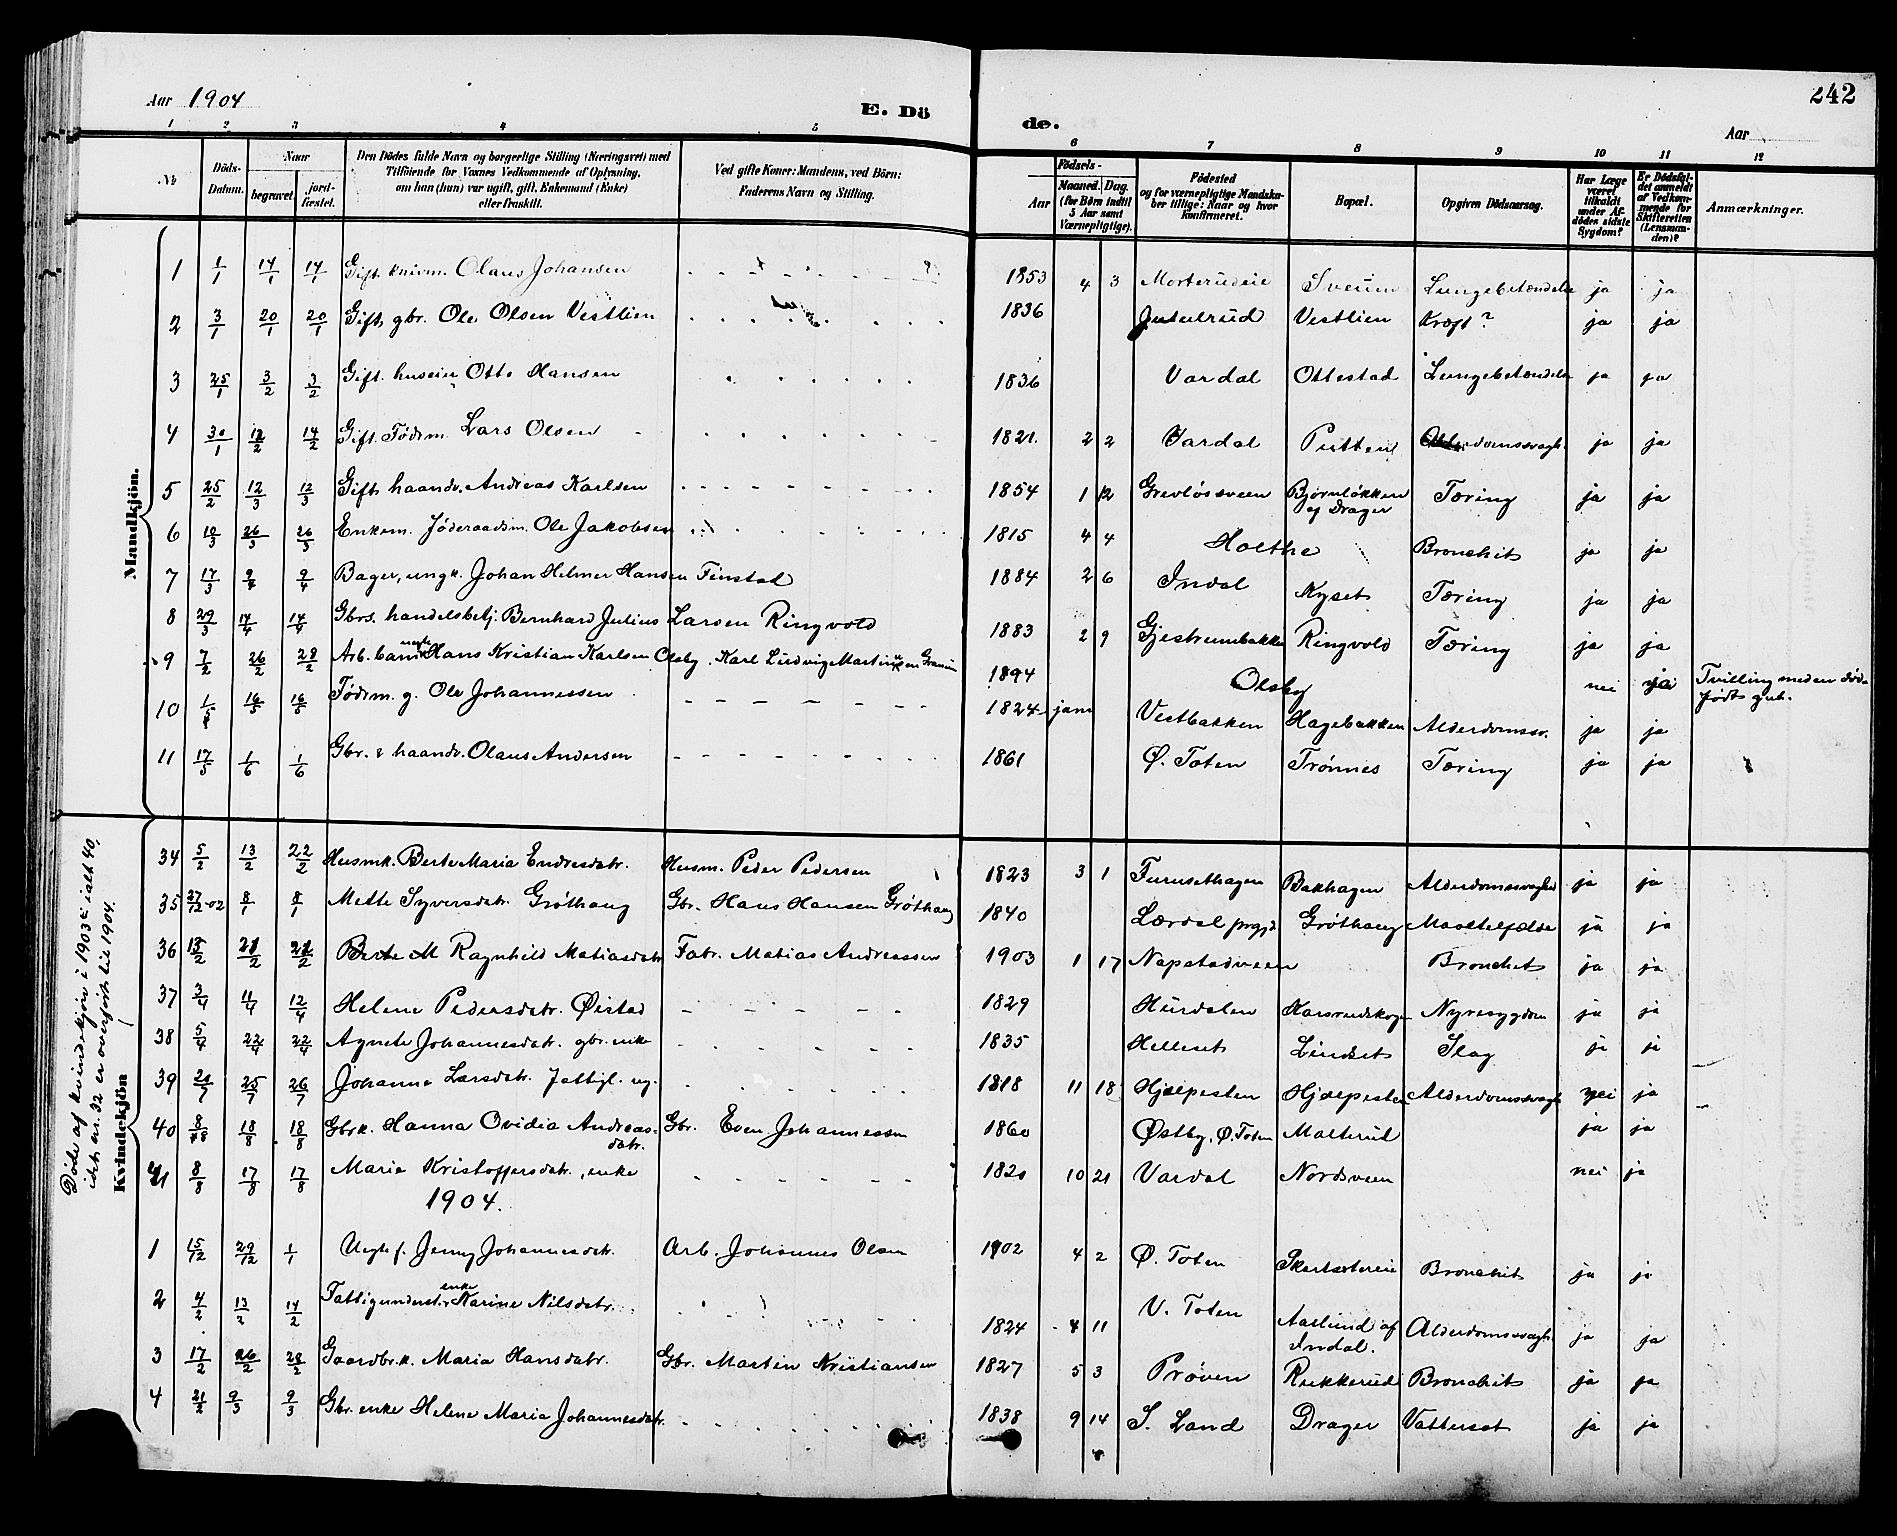 SAH, Vestre Toten prestekontor, H/Ha/Hab/L0010: Klokkerbok nr. 10, 1900-1912, s. 242